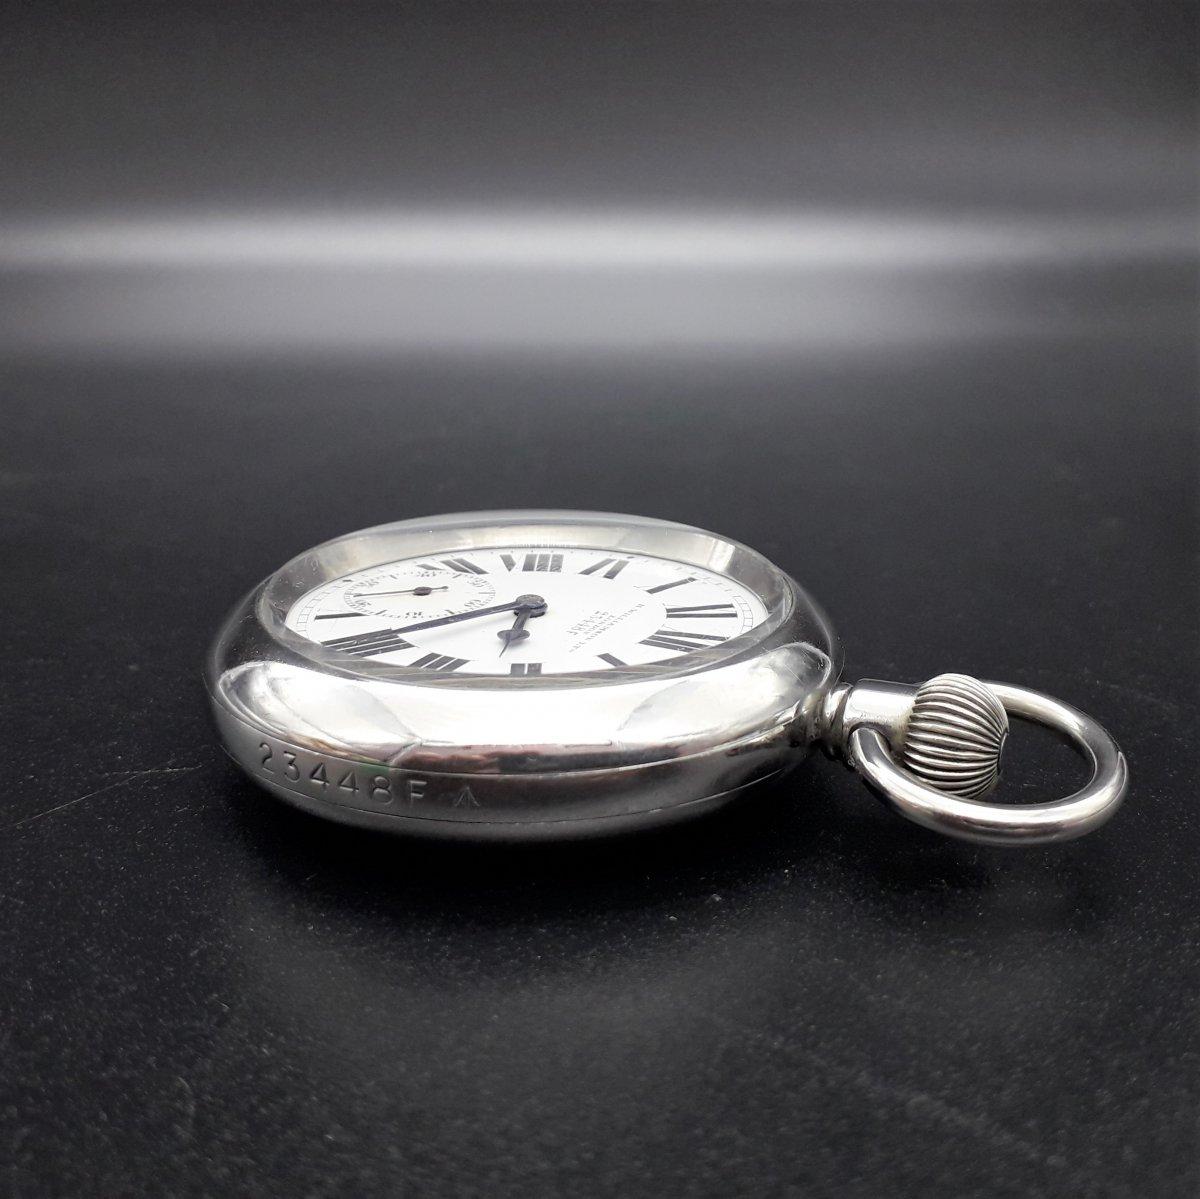 Wwi Military Pocket Watch, Ww1, Williamson Ltd